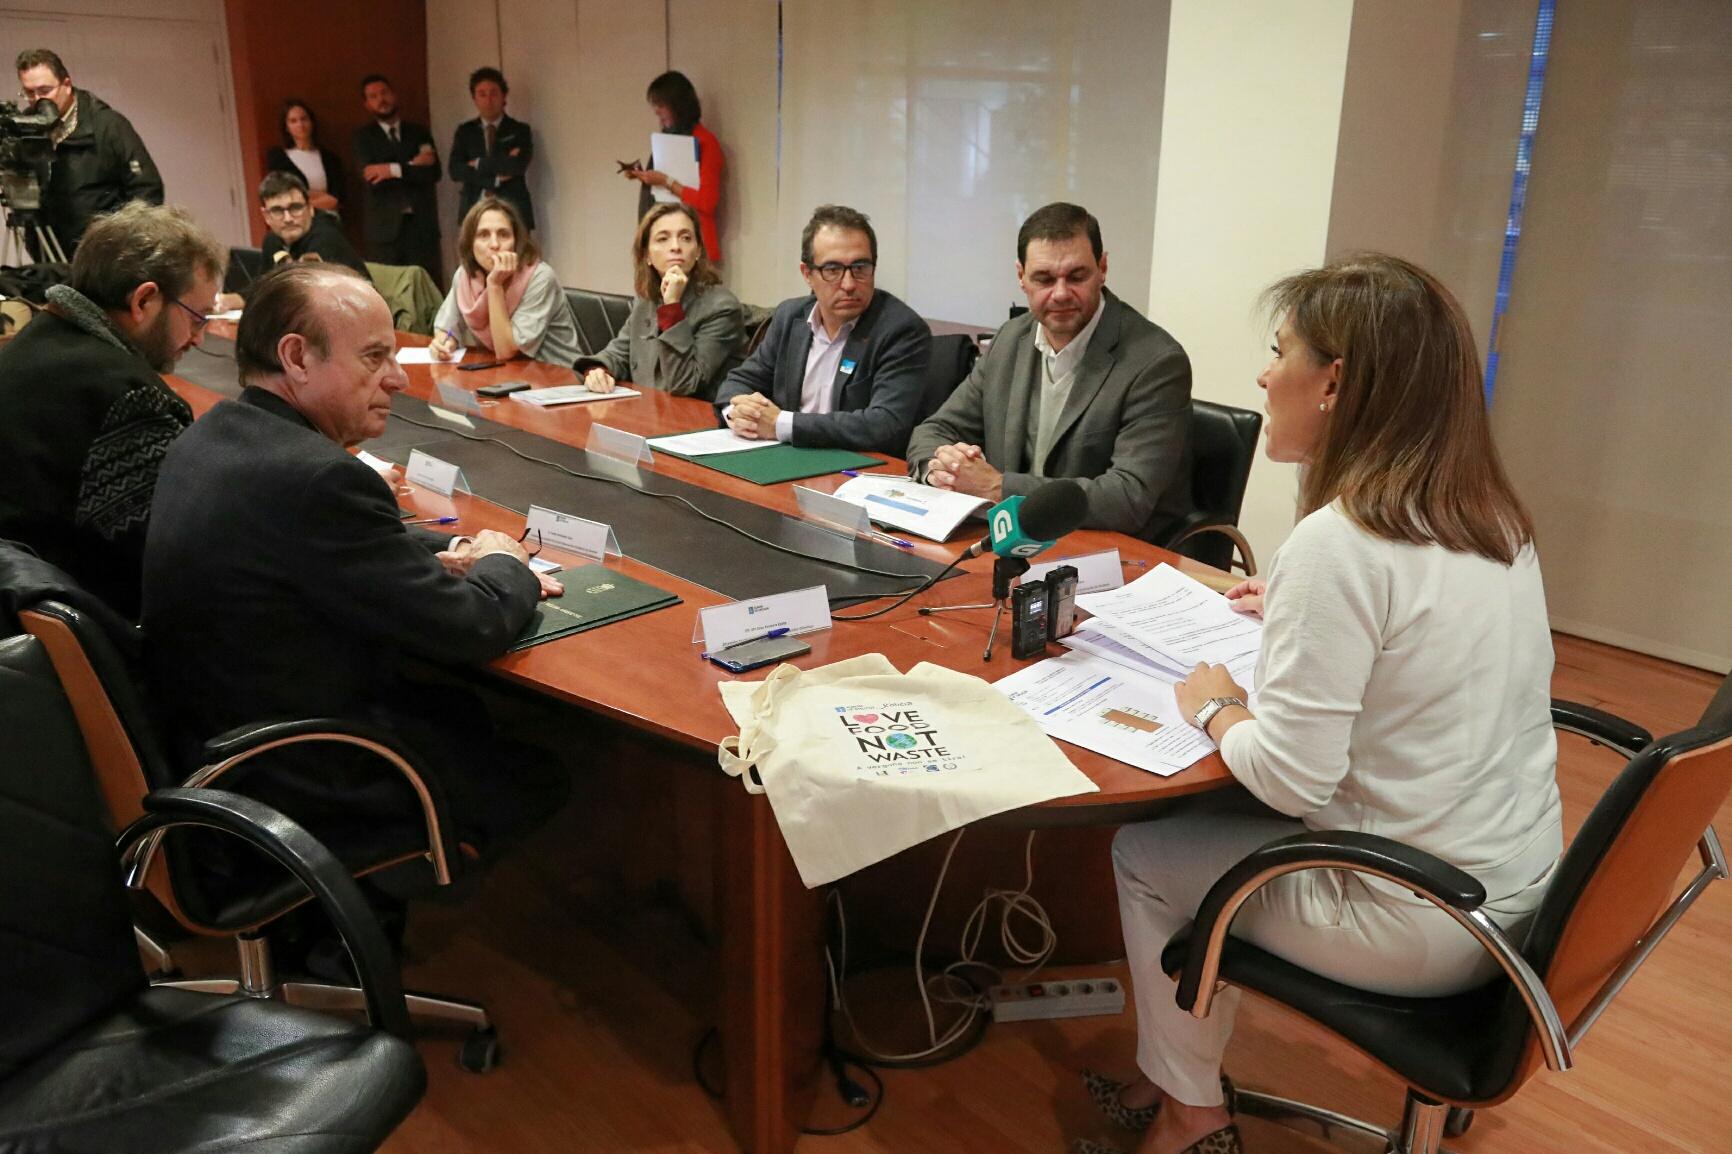 La conselleira Beatriz Mato, en la reunión mantenida este martes con los hosteleros - FOTO: Xunta